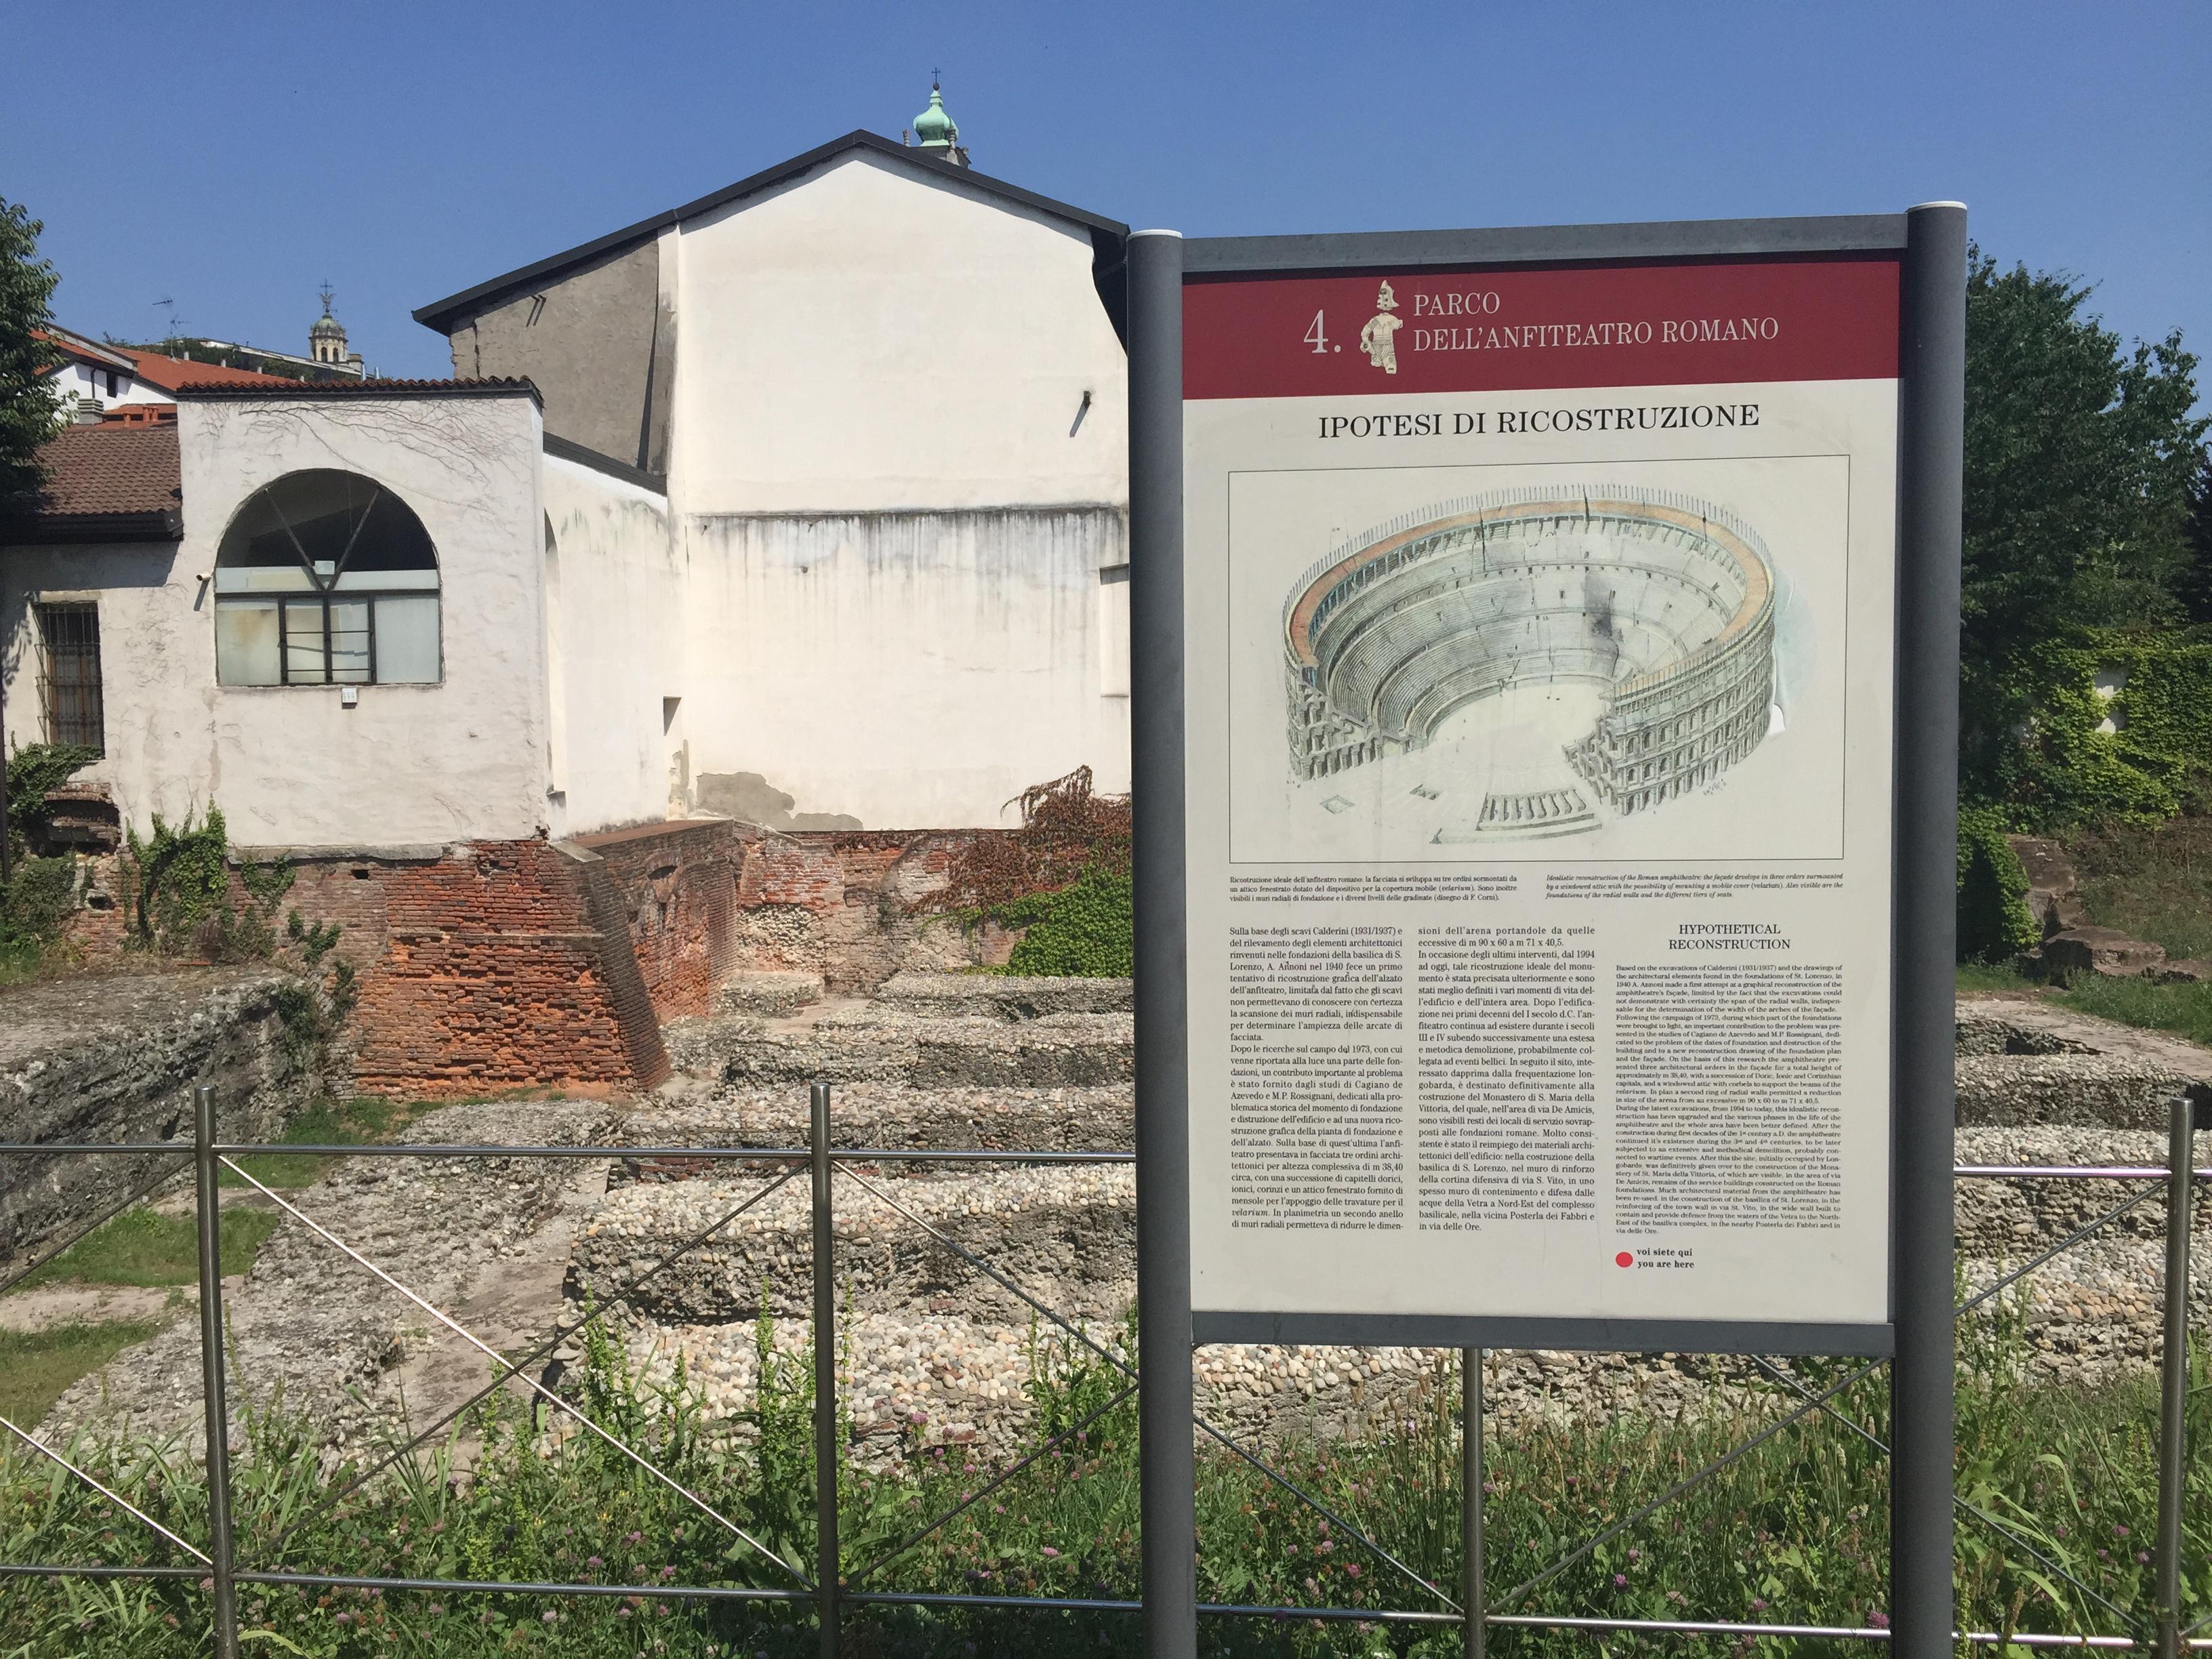 Amphitheatre park w sign